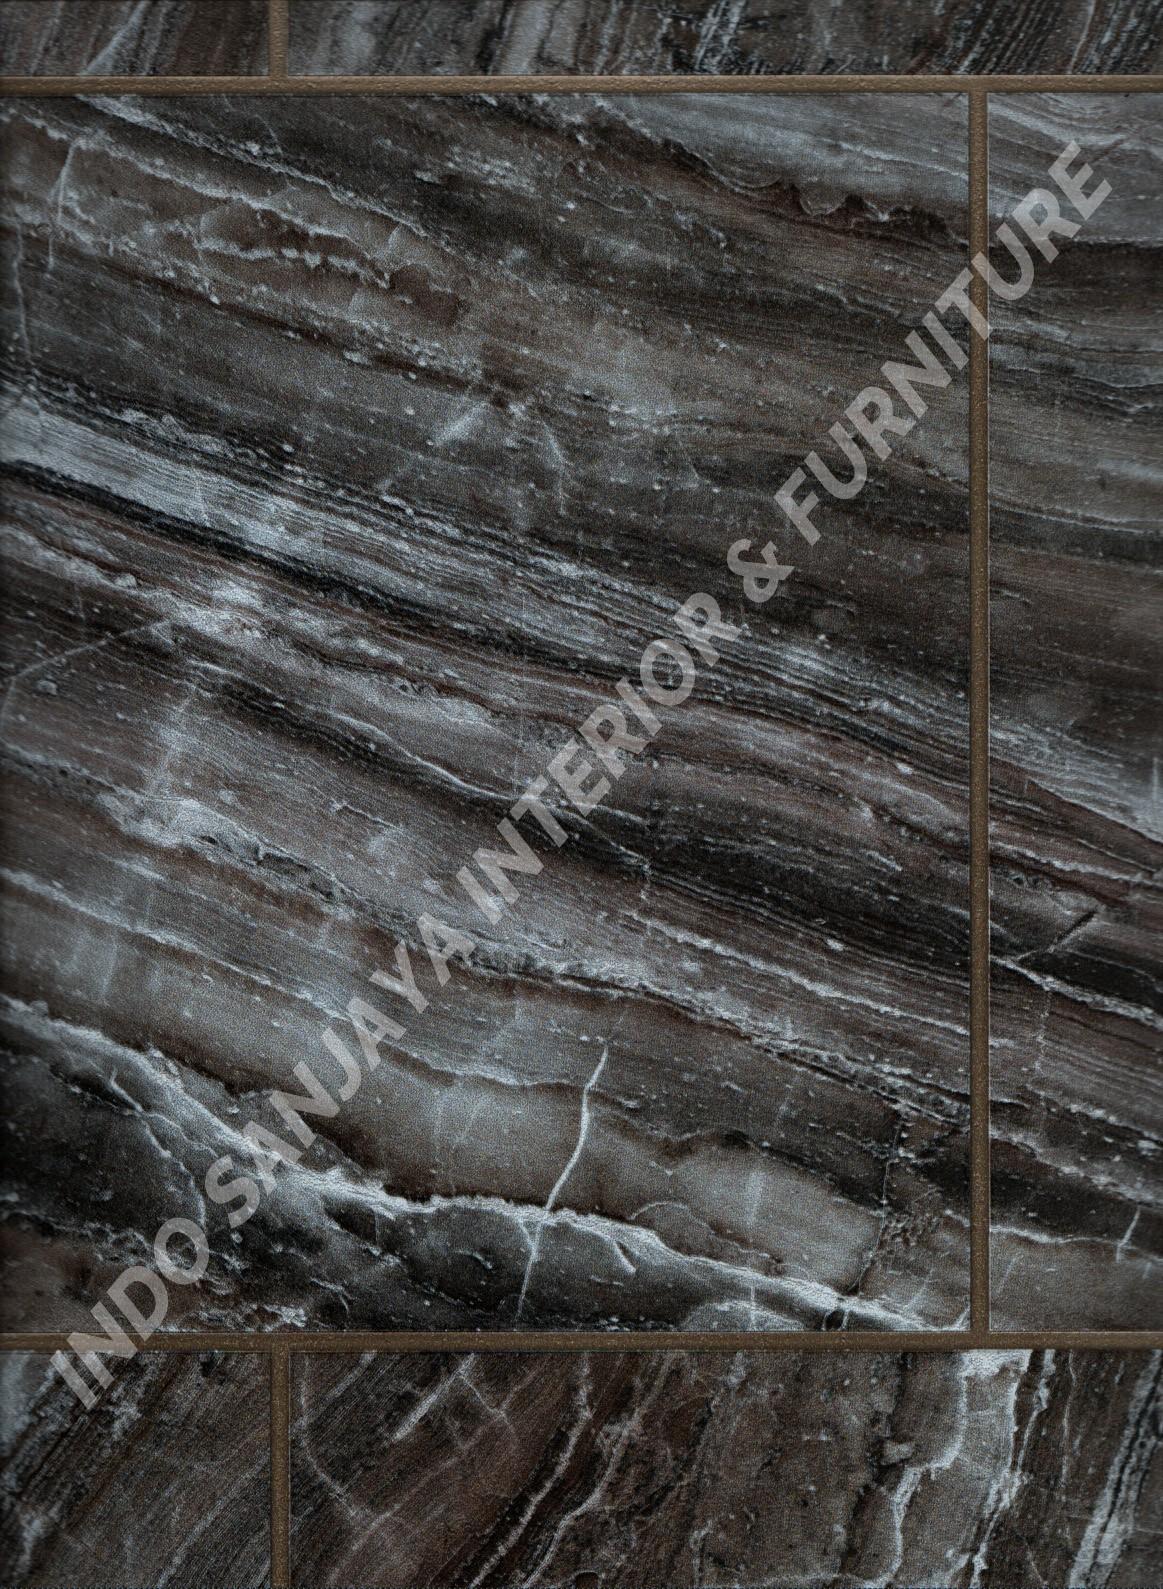 wallpaper   Wallpaper Batu-Batuan 40117-4:40117-4 corak  warna